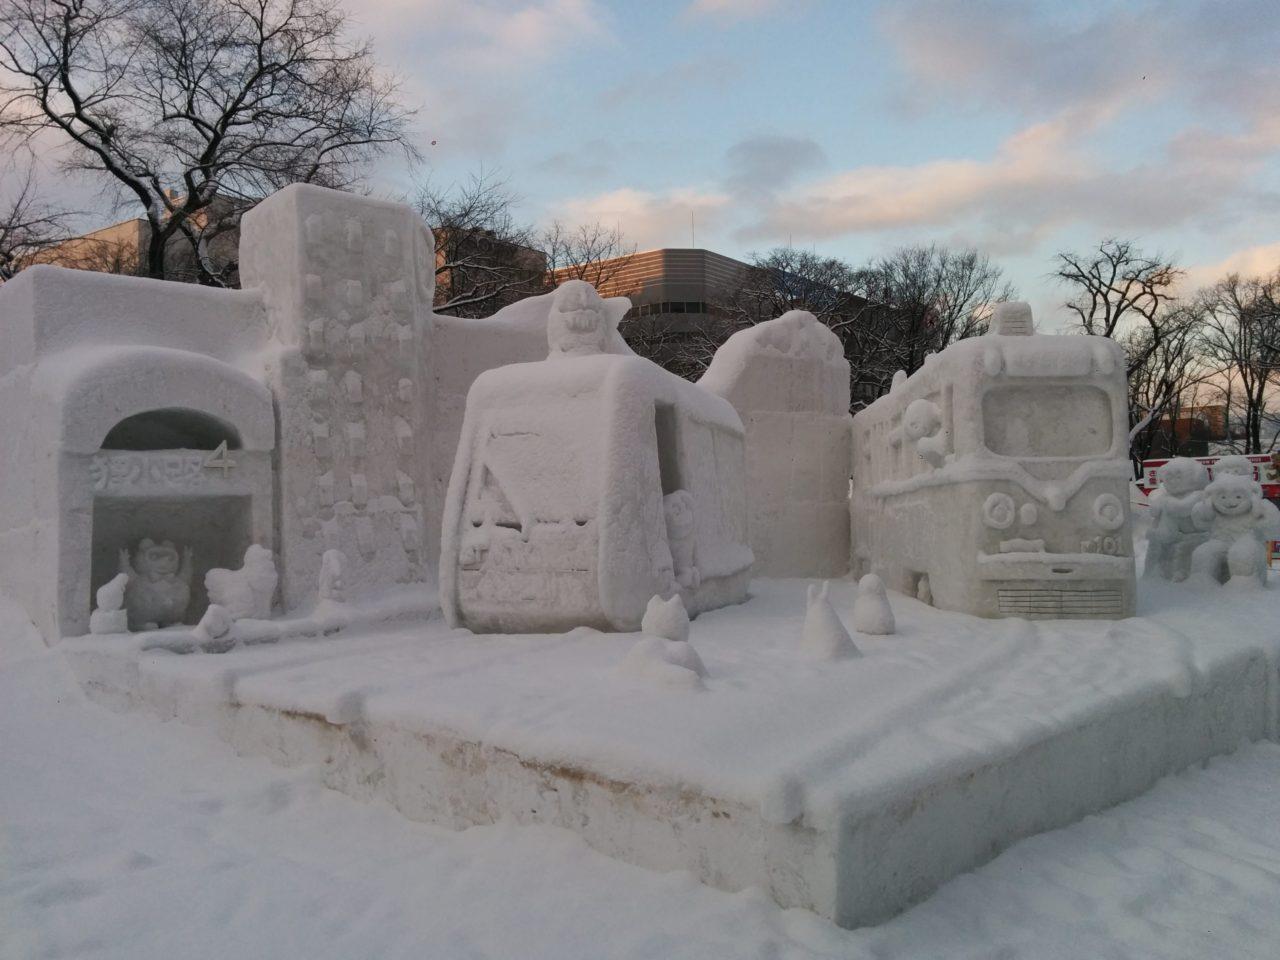 さっぽろ雪まつり観光タクシー・ジャンボタクシー